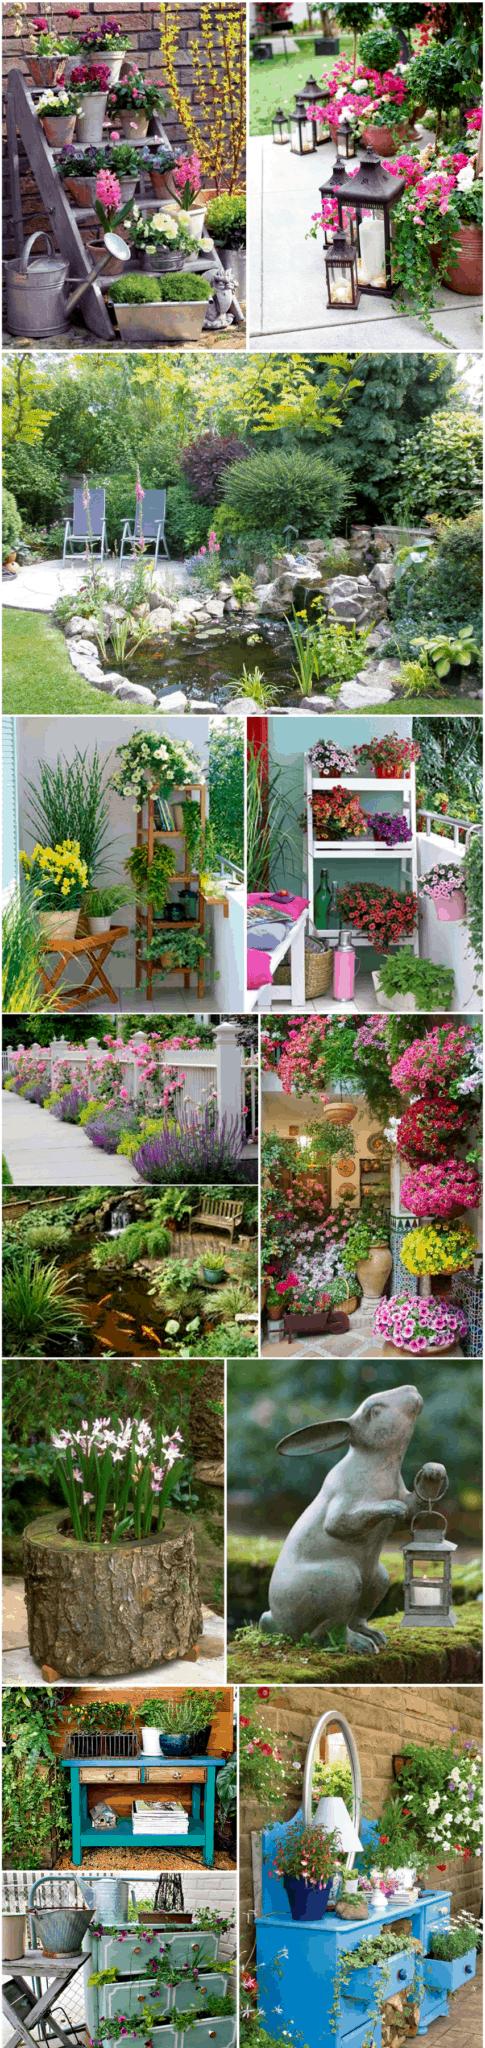 jardim-dos-sonhos-decorar-com-charme-movel